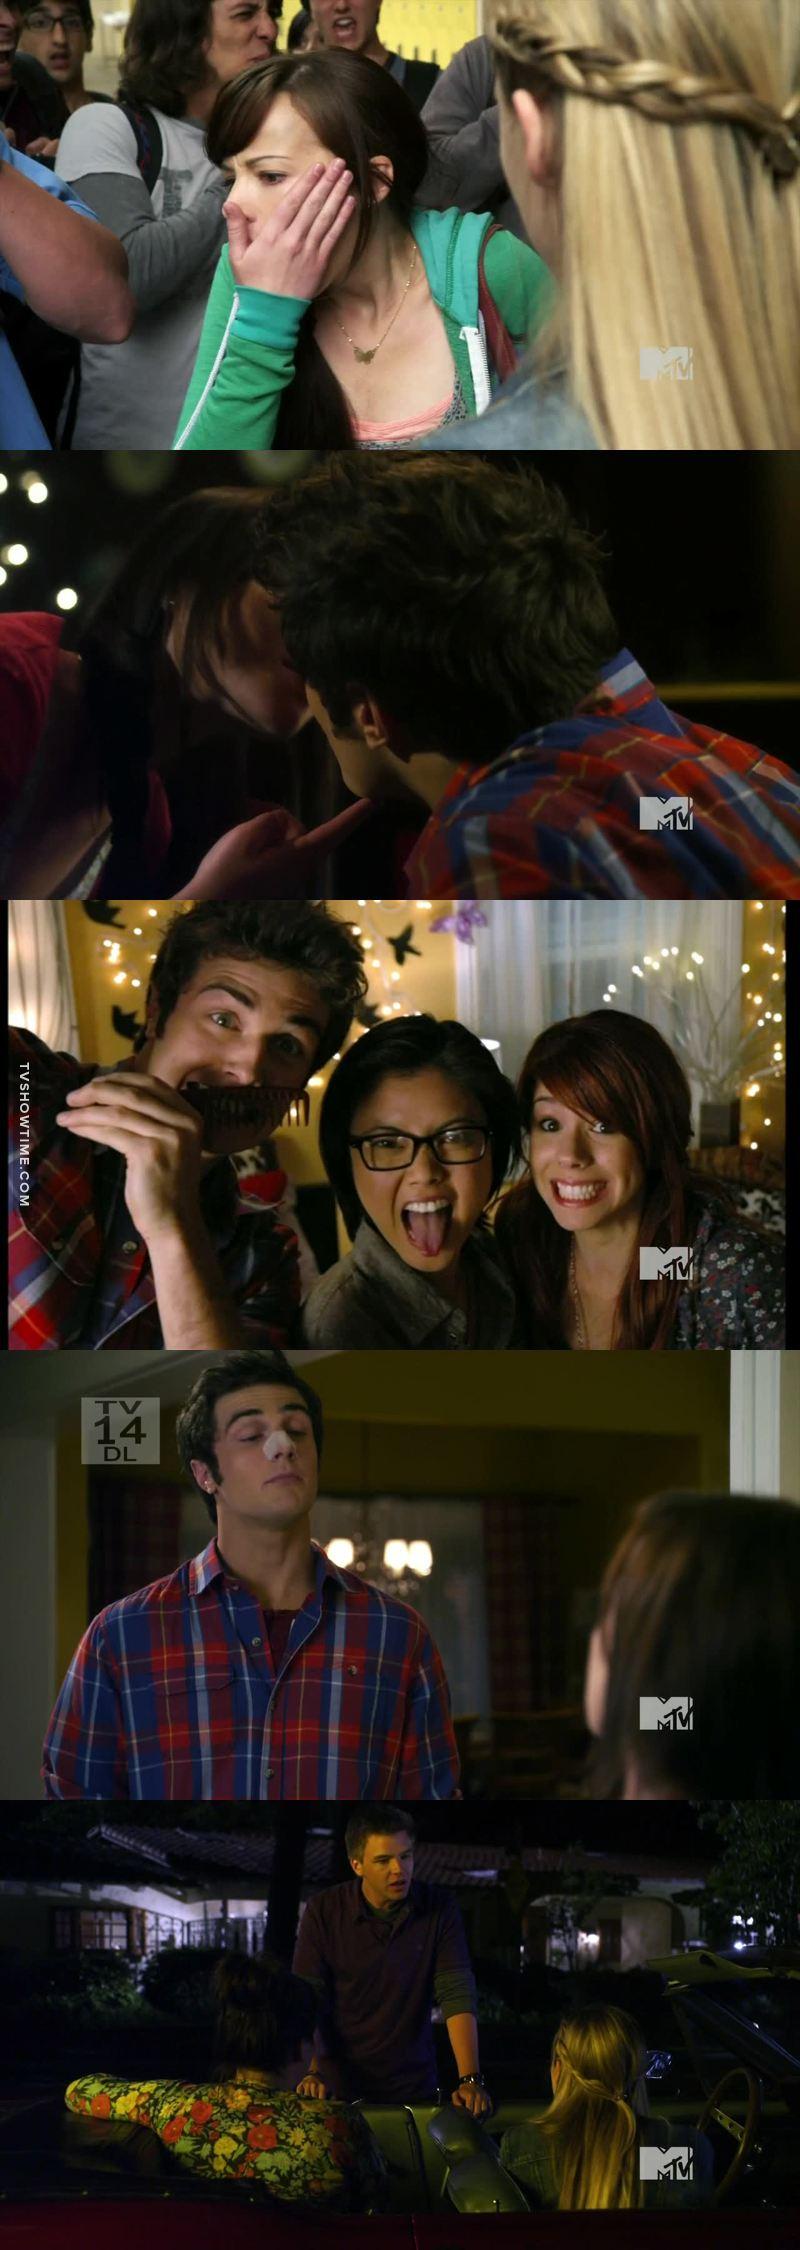 Matty a vraiment été génial dans cet épisode. Il me tarde de voir ce que ca va donner quand il dira à Jake qu'il sort avec Jenna.